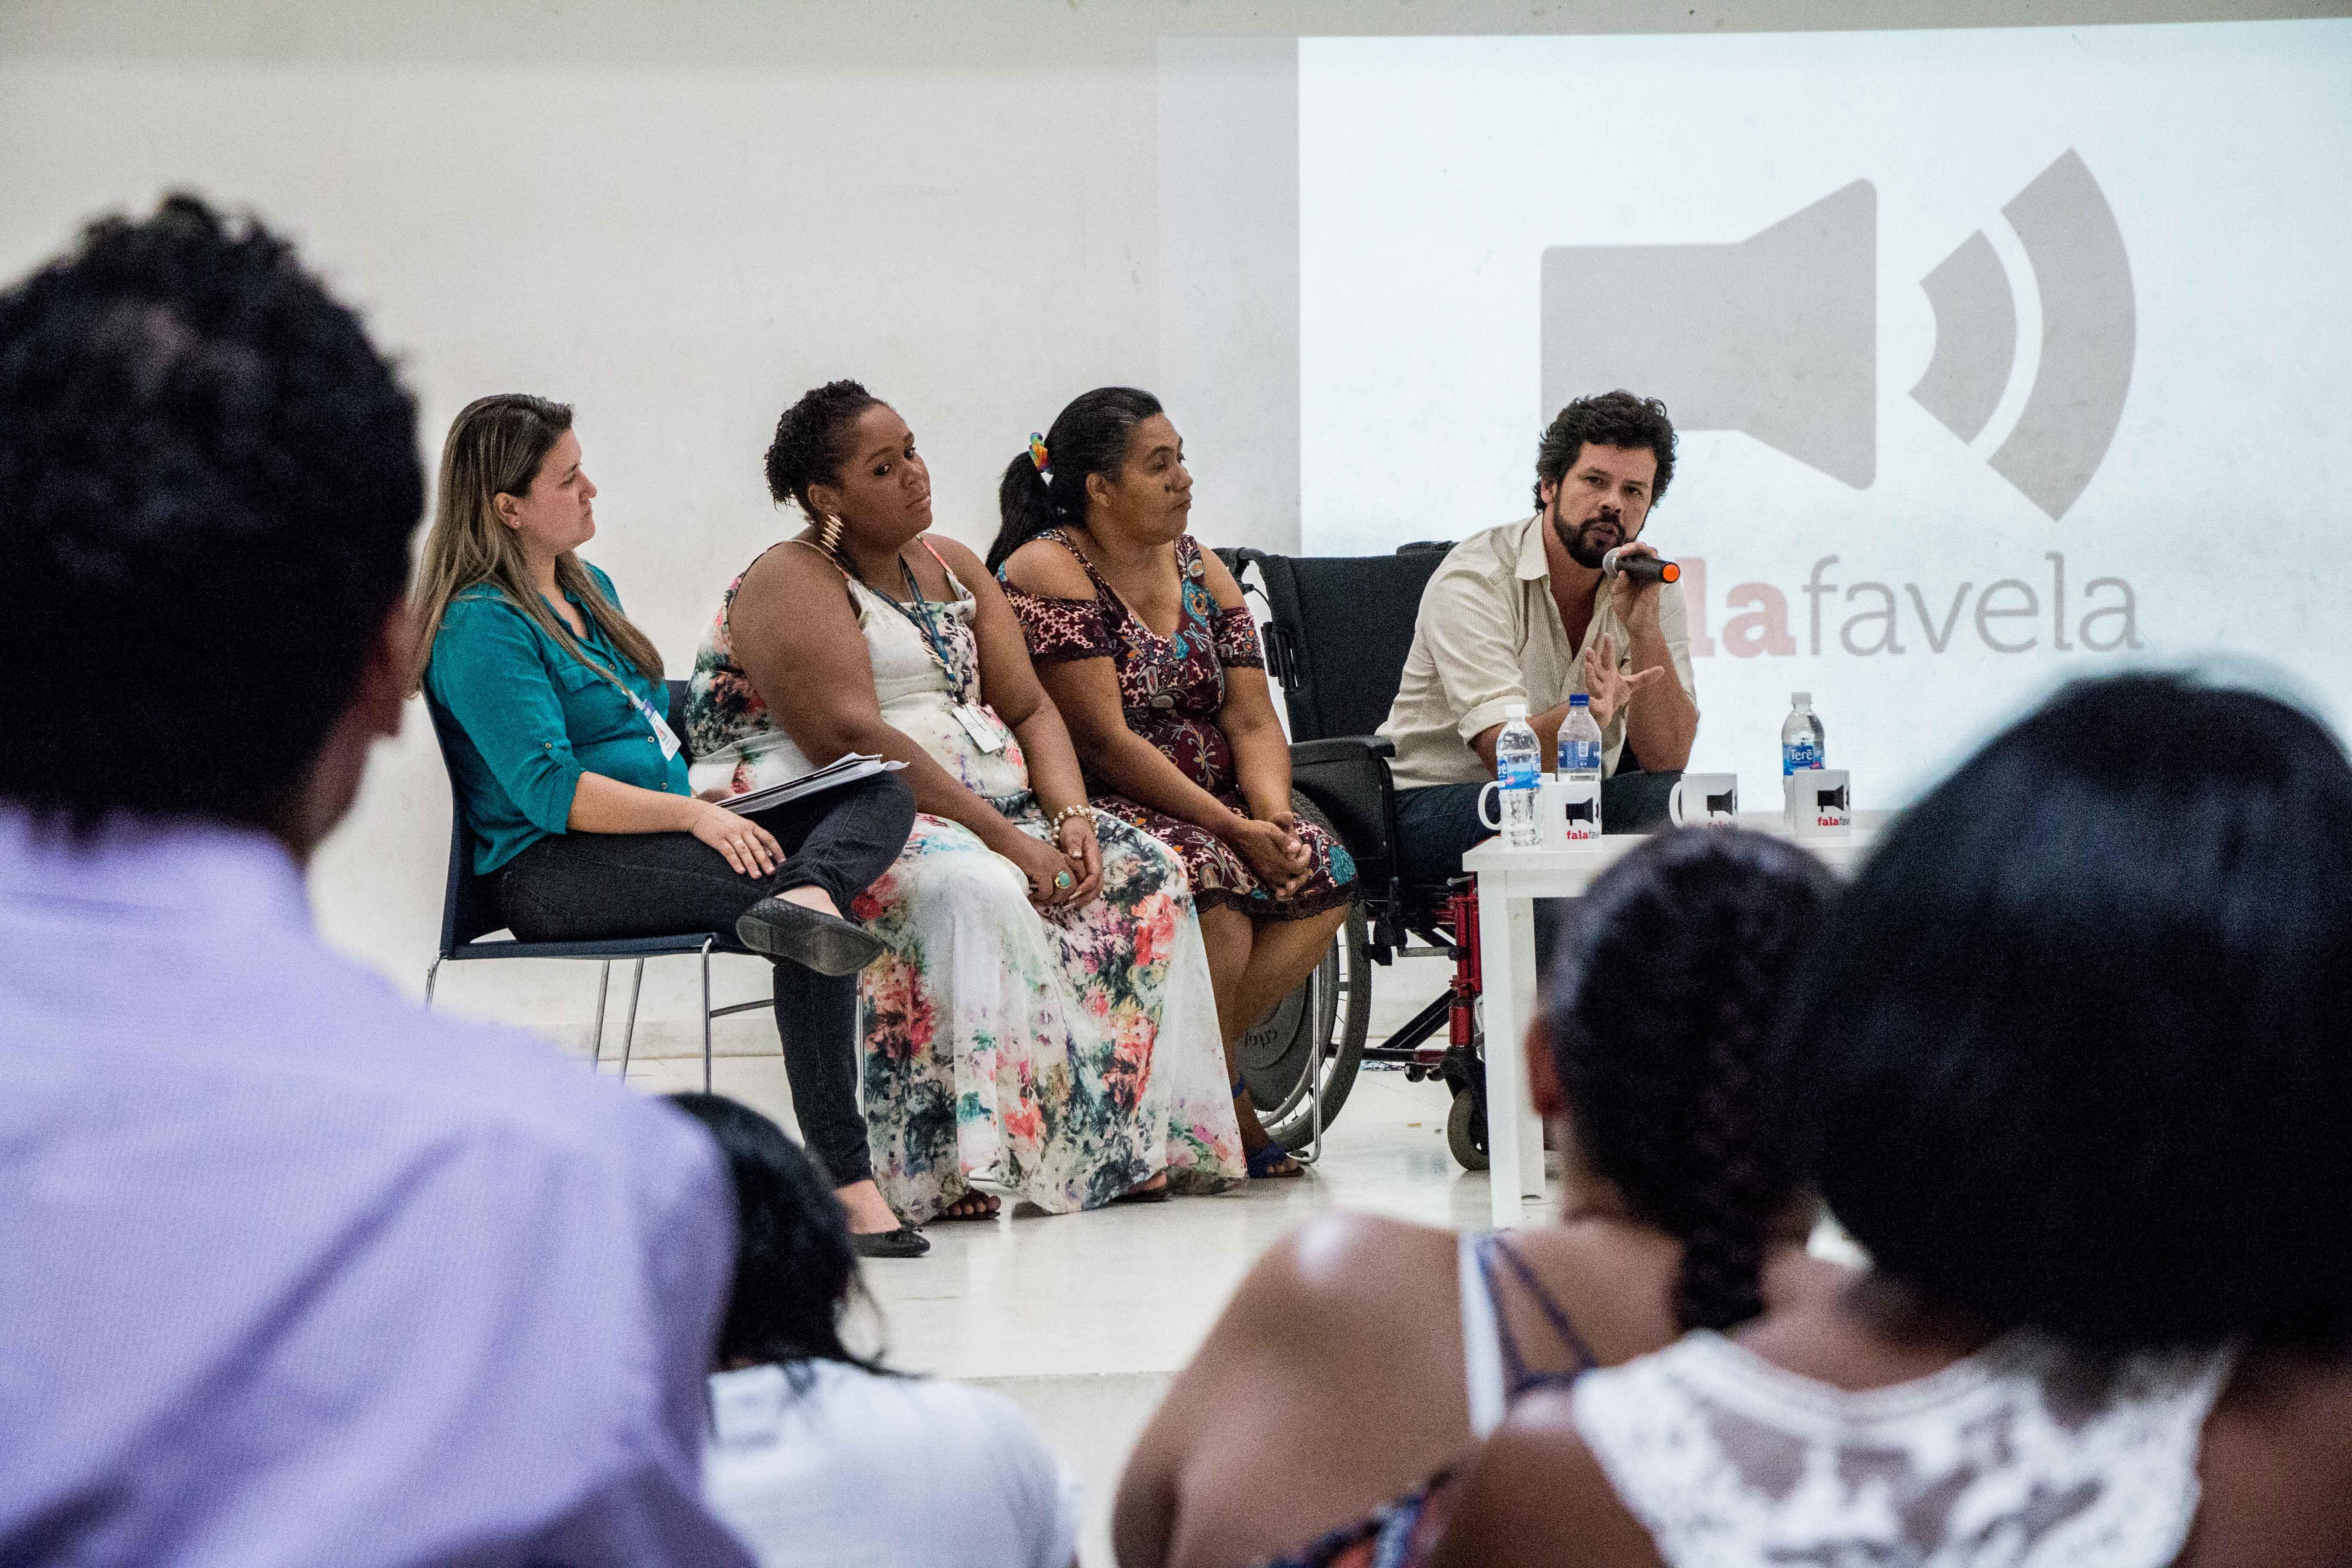 Saúde Mental é tema do Fala Favela que acontece no sábado (08), no Alemão